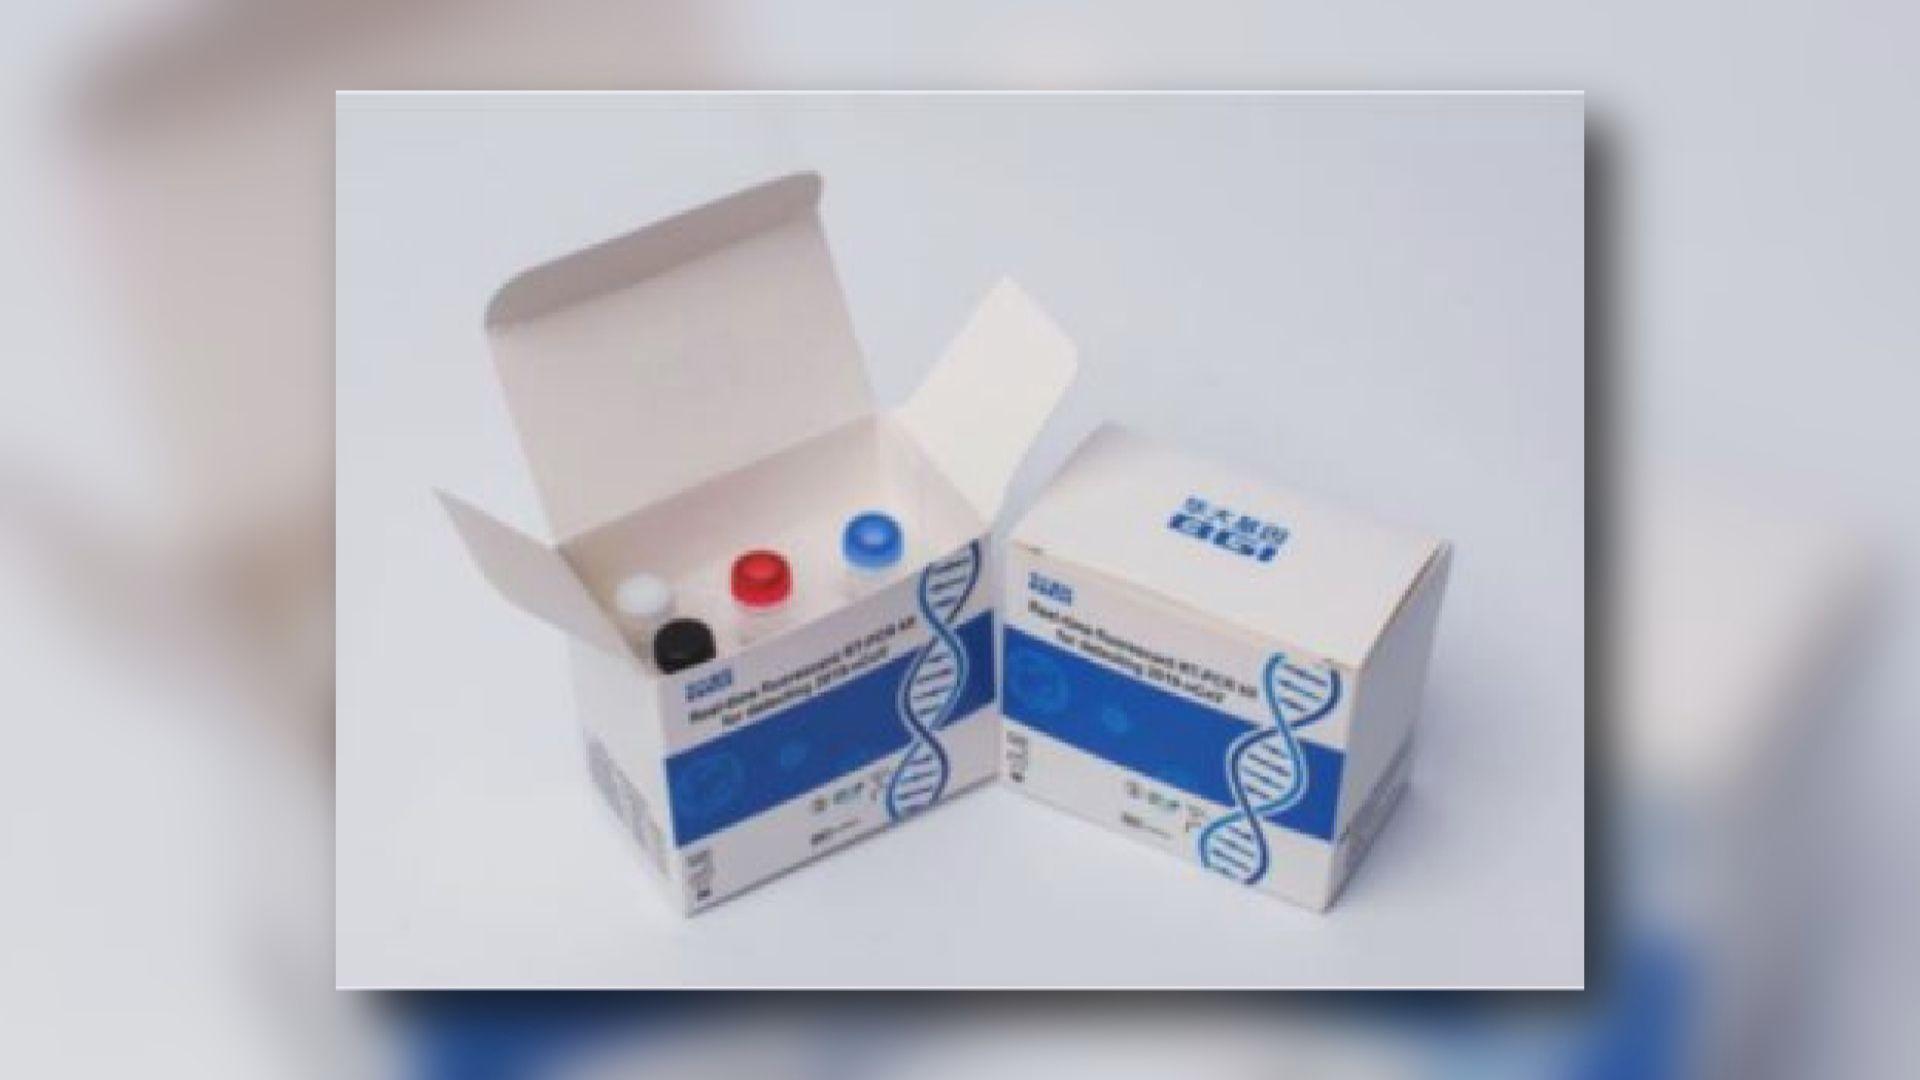 瑞典通報華大基因生產病毒檢測套裝有缺陷 世衛:已啟動投訴機制